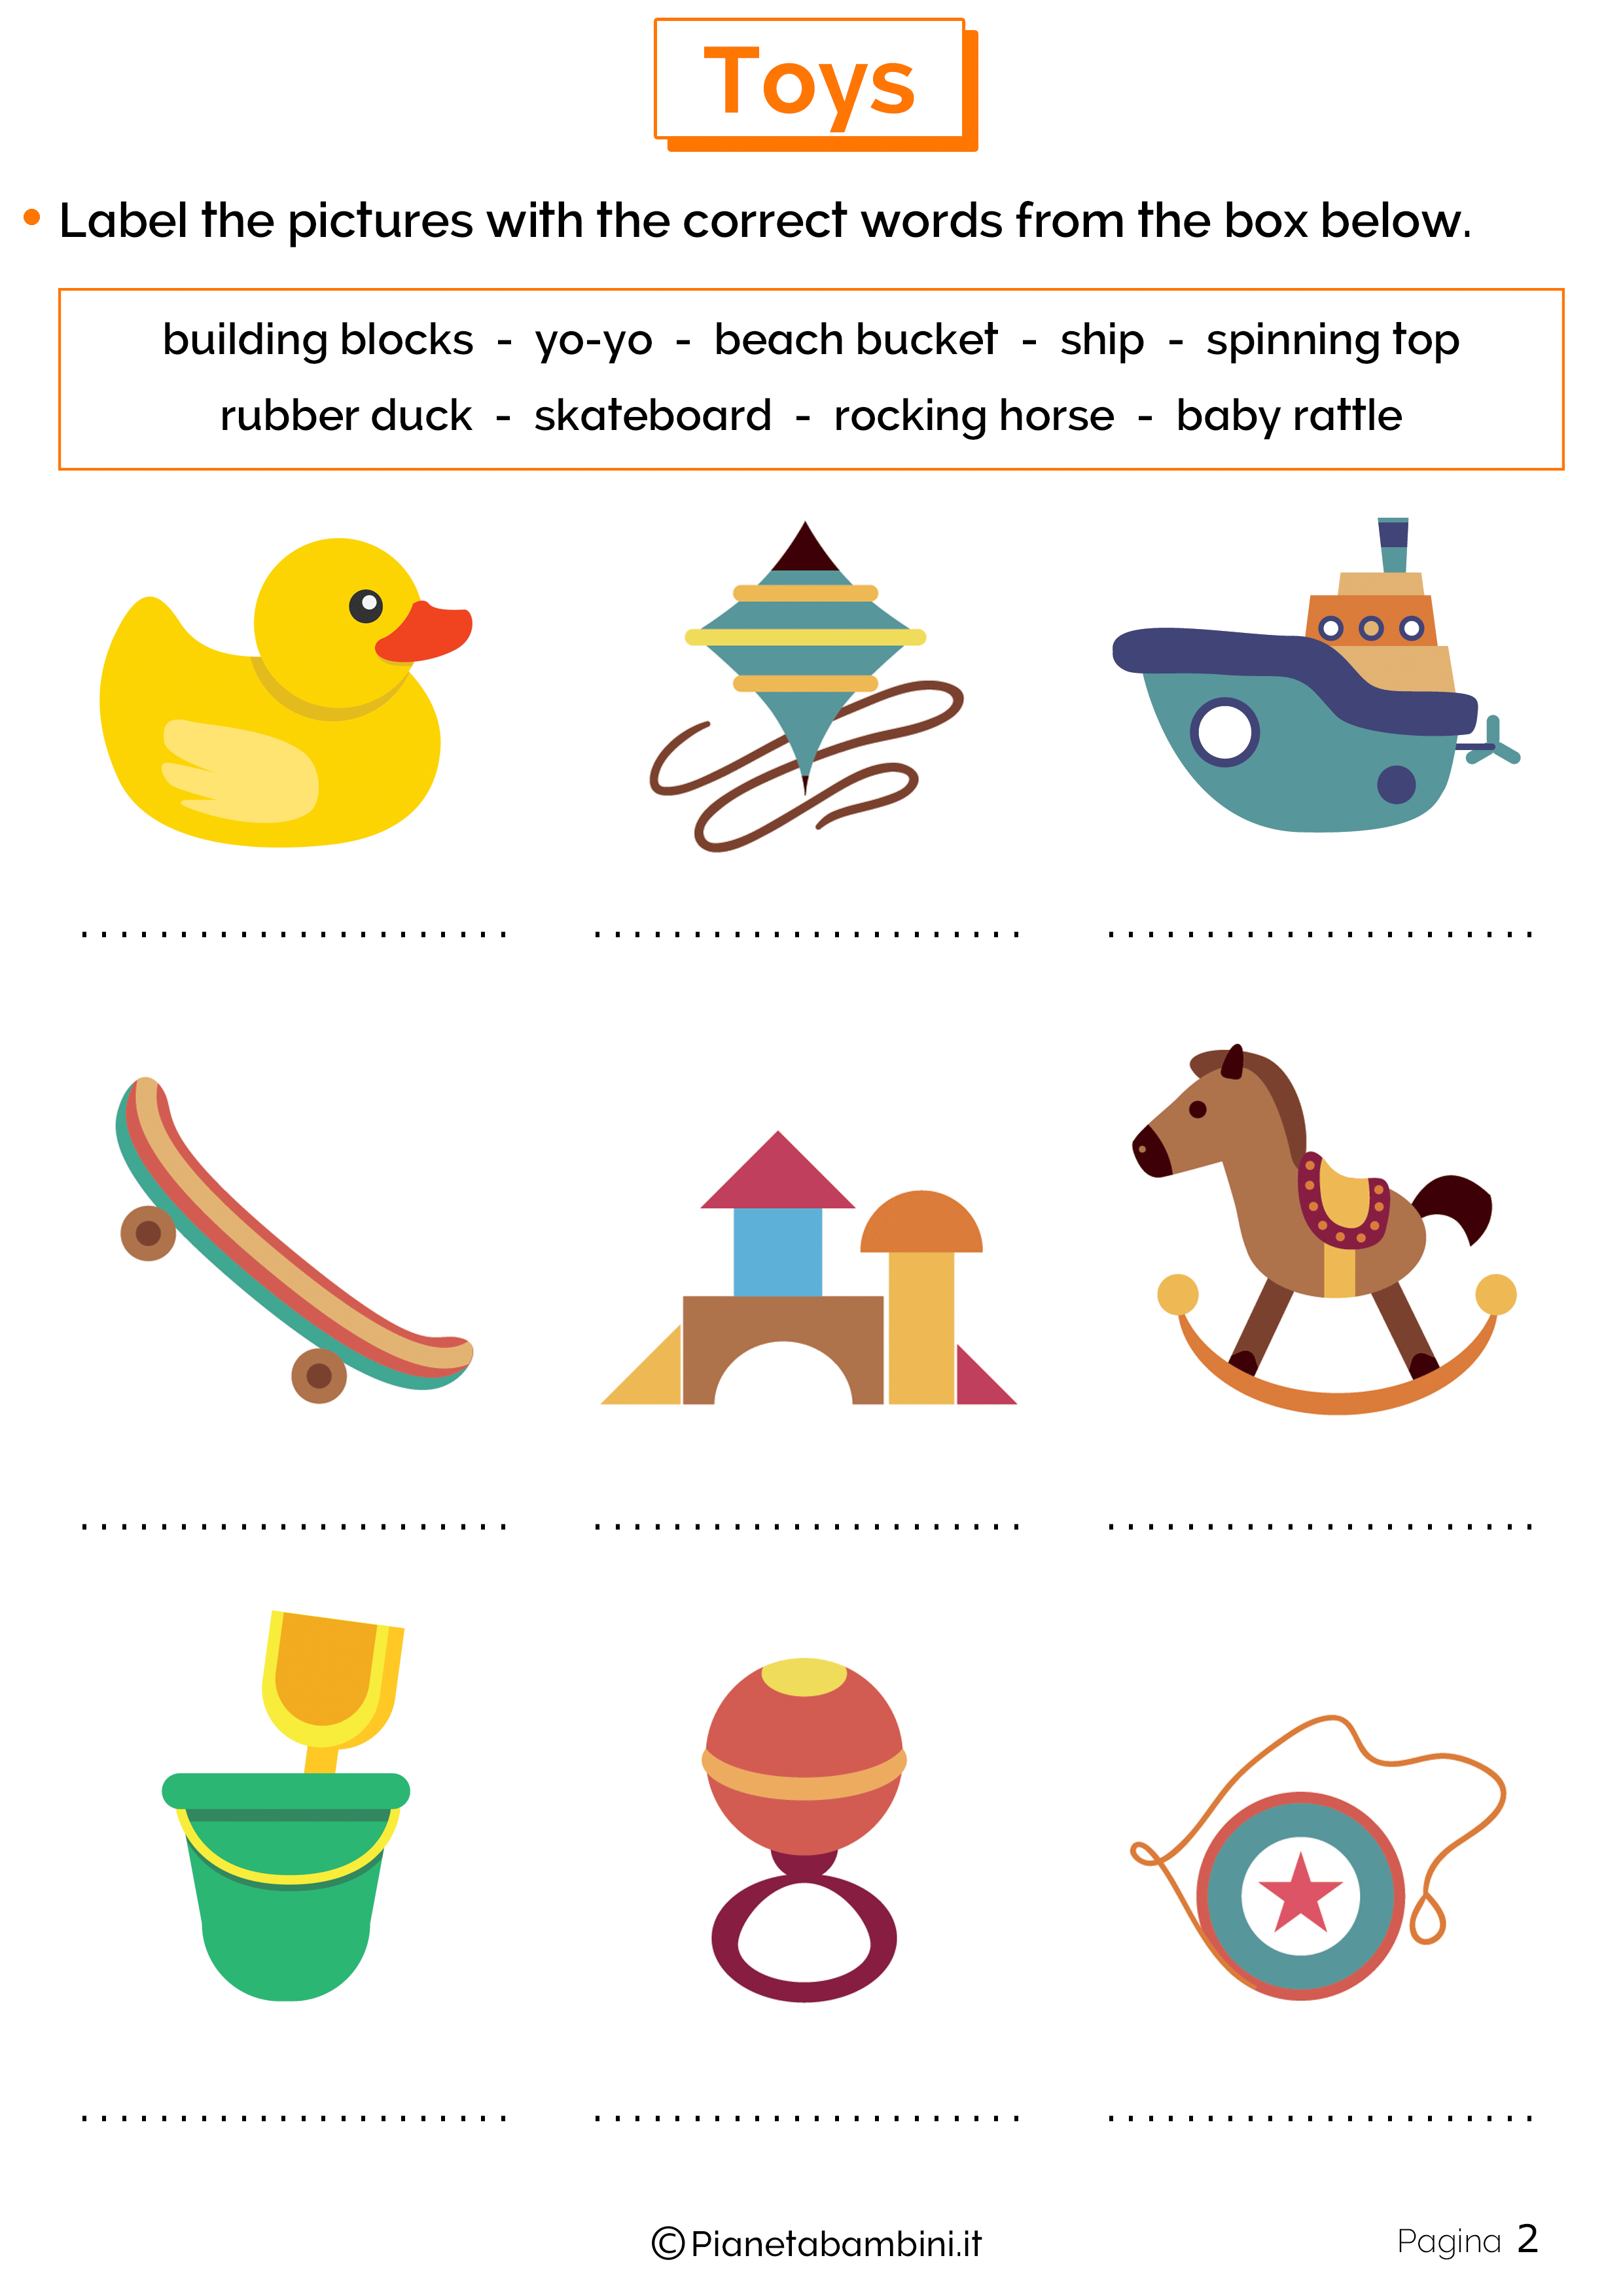 Esercizi sui Giocattoli in Inglese 2